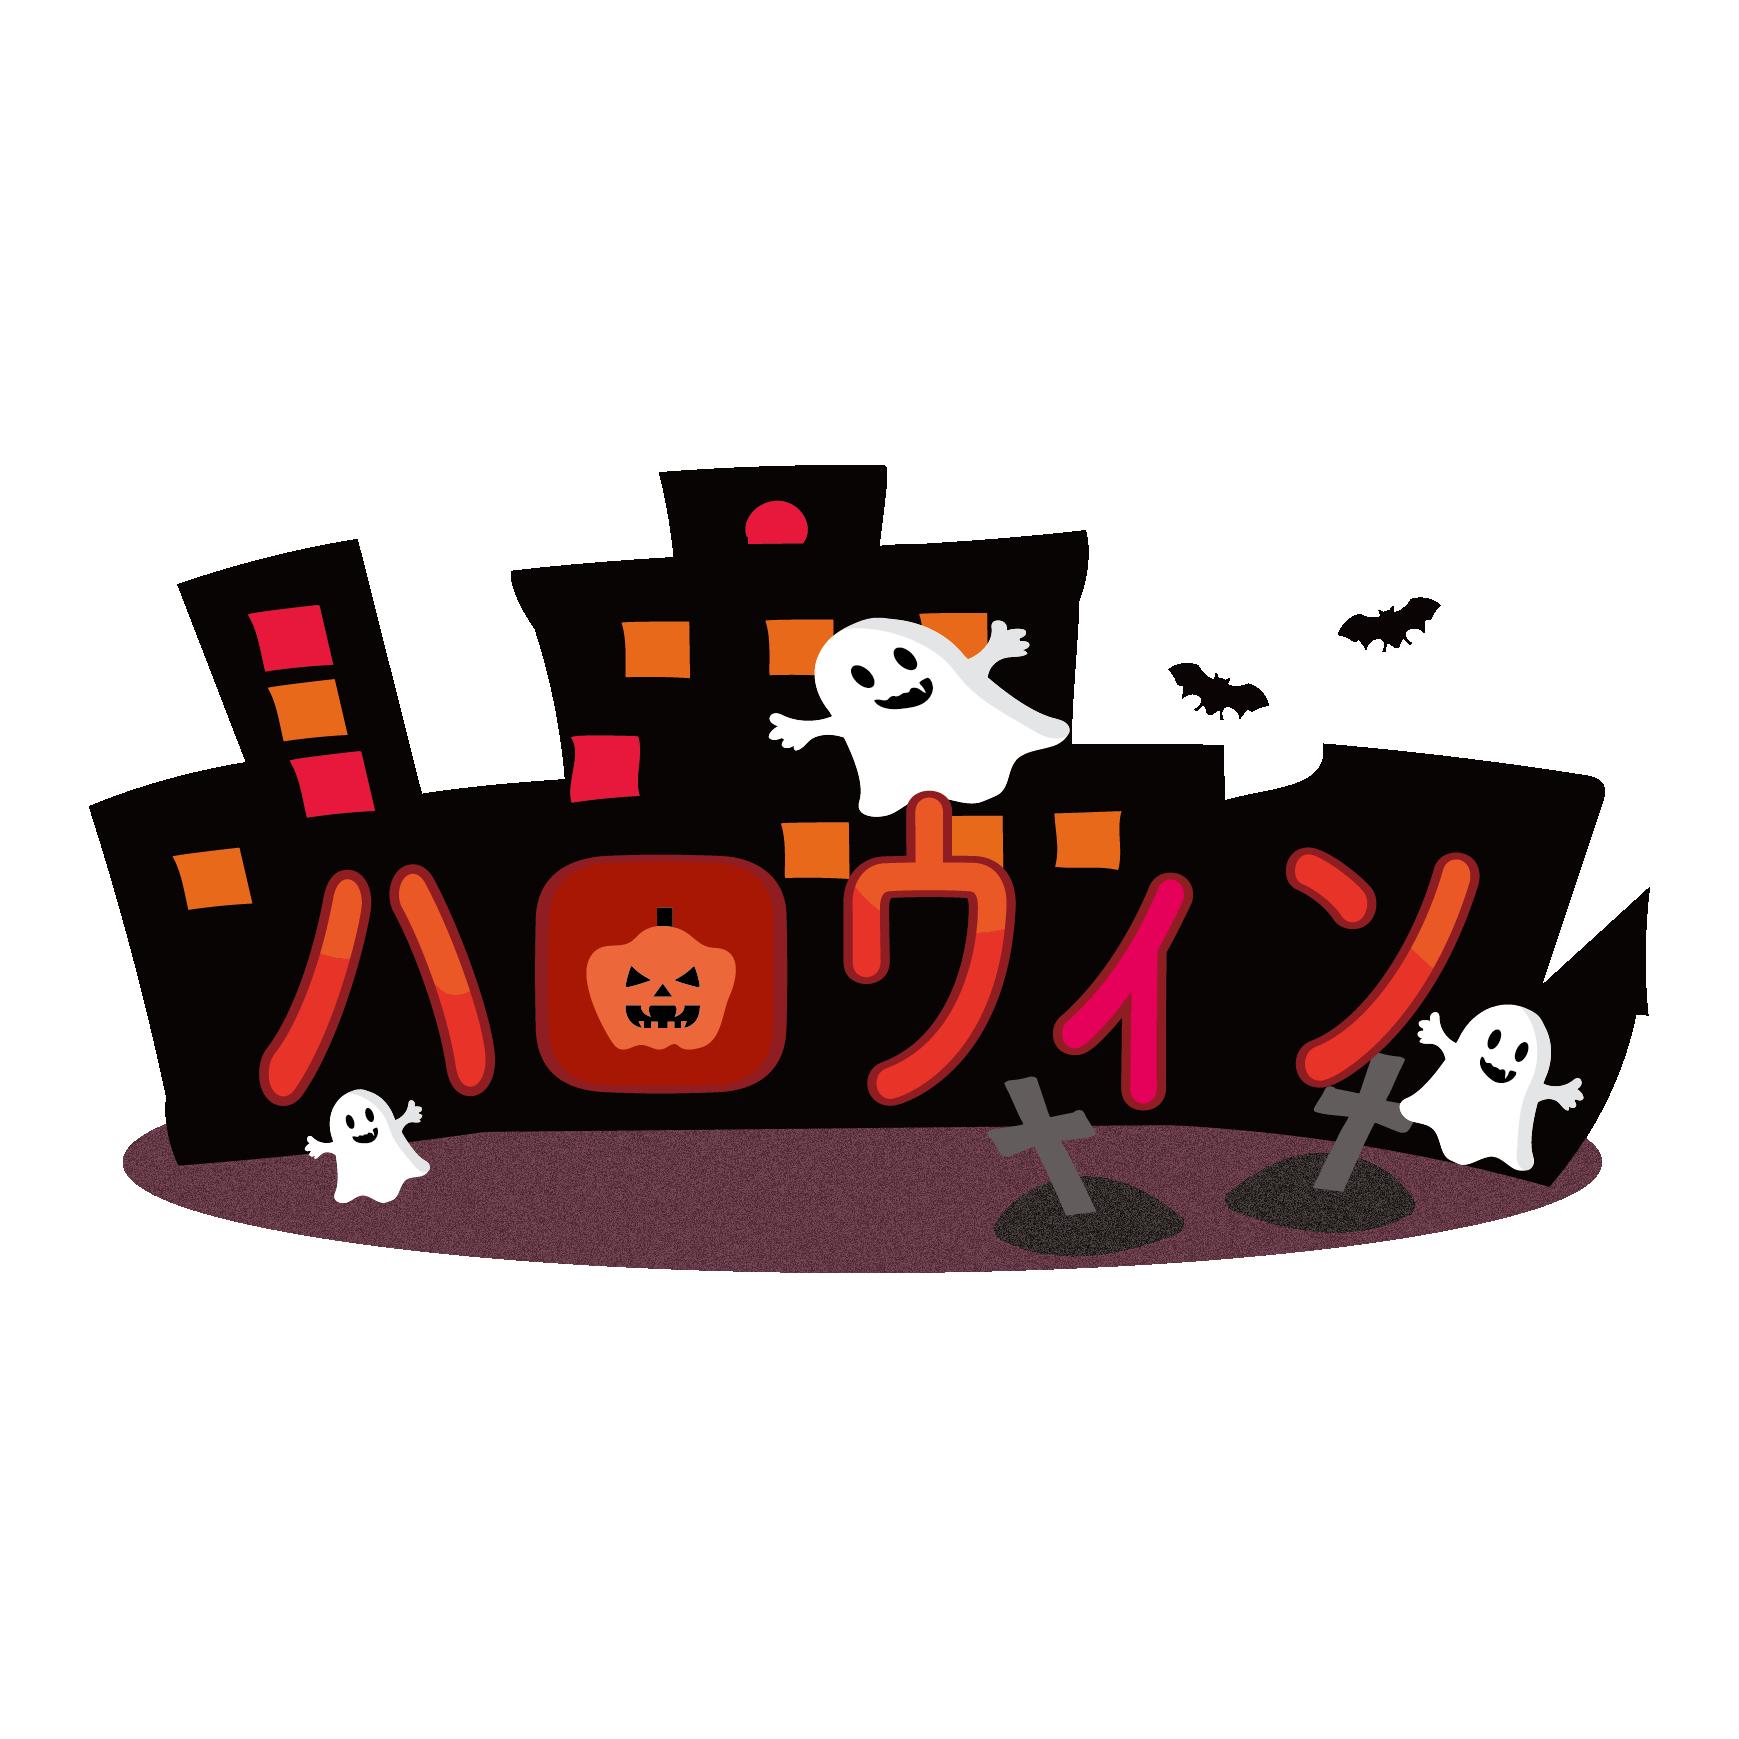 ハロウィン【イベント】 | 商用フリー(無料)のイラスト素材なら